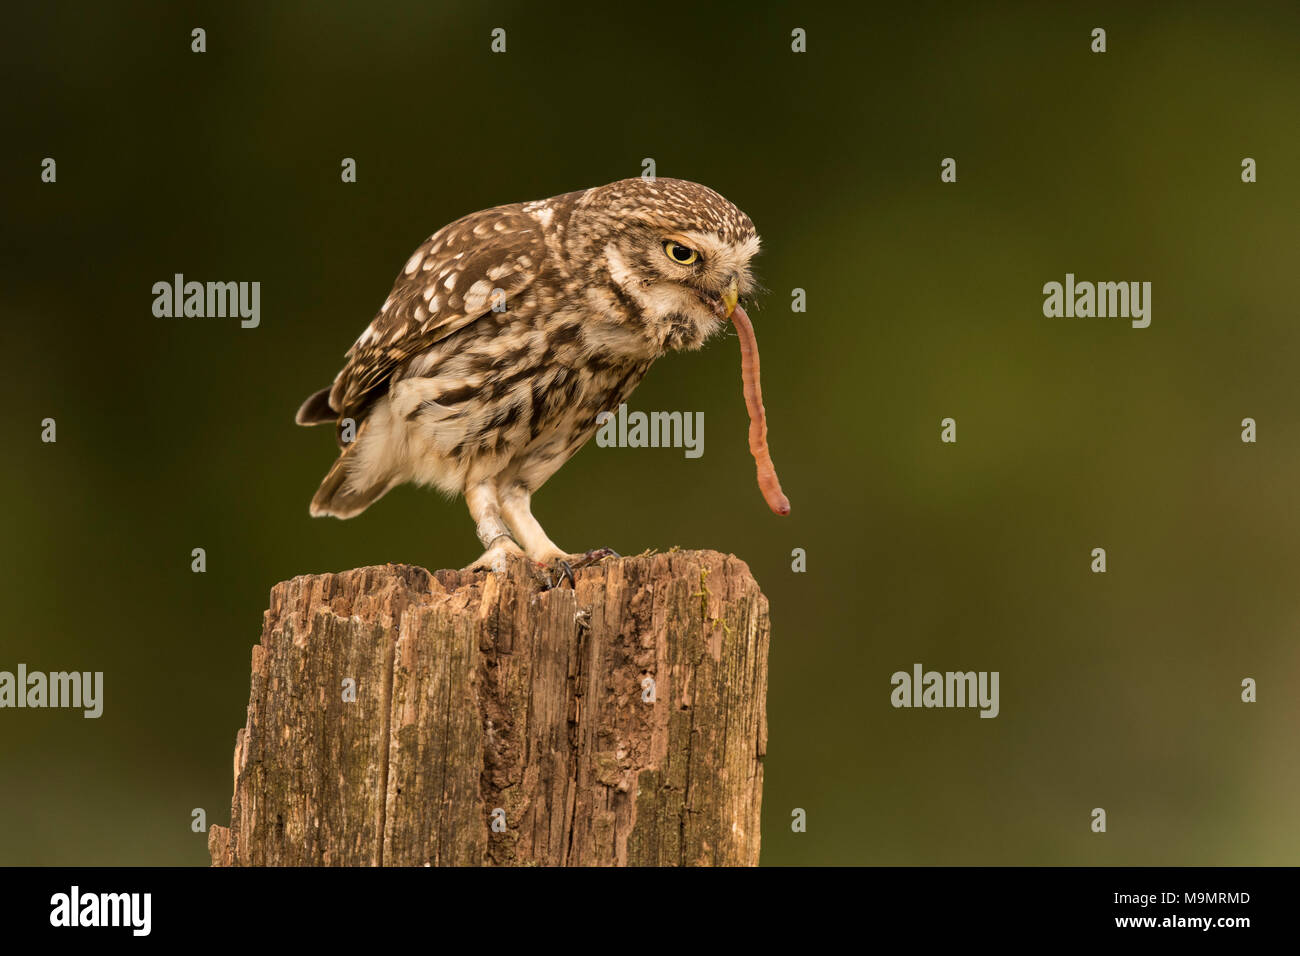 Steinkauz (Athene noctua), der Fütterung, der Regenwurm als Beute, Rheinland-Pfalz, Deutschland Stockbild